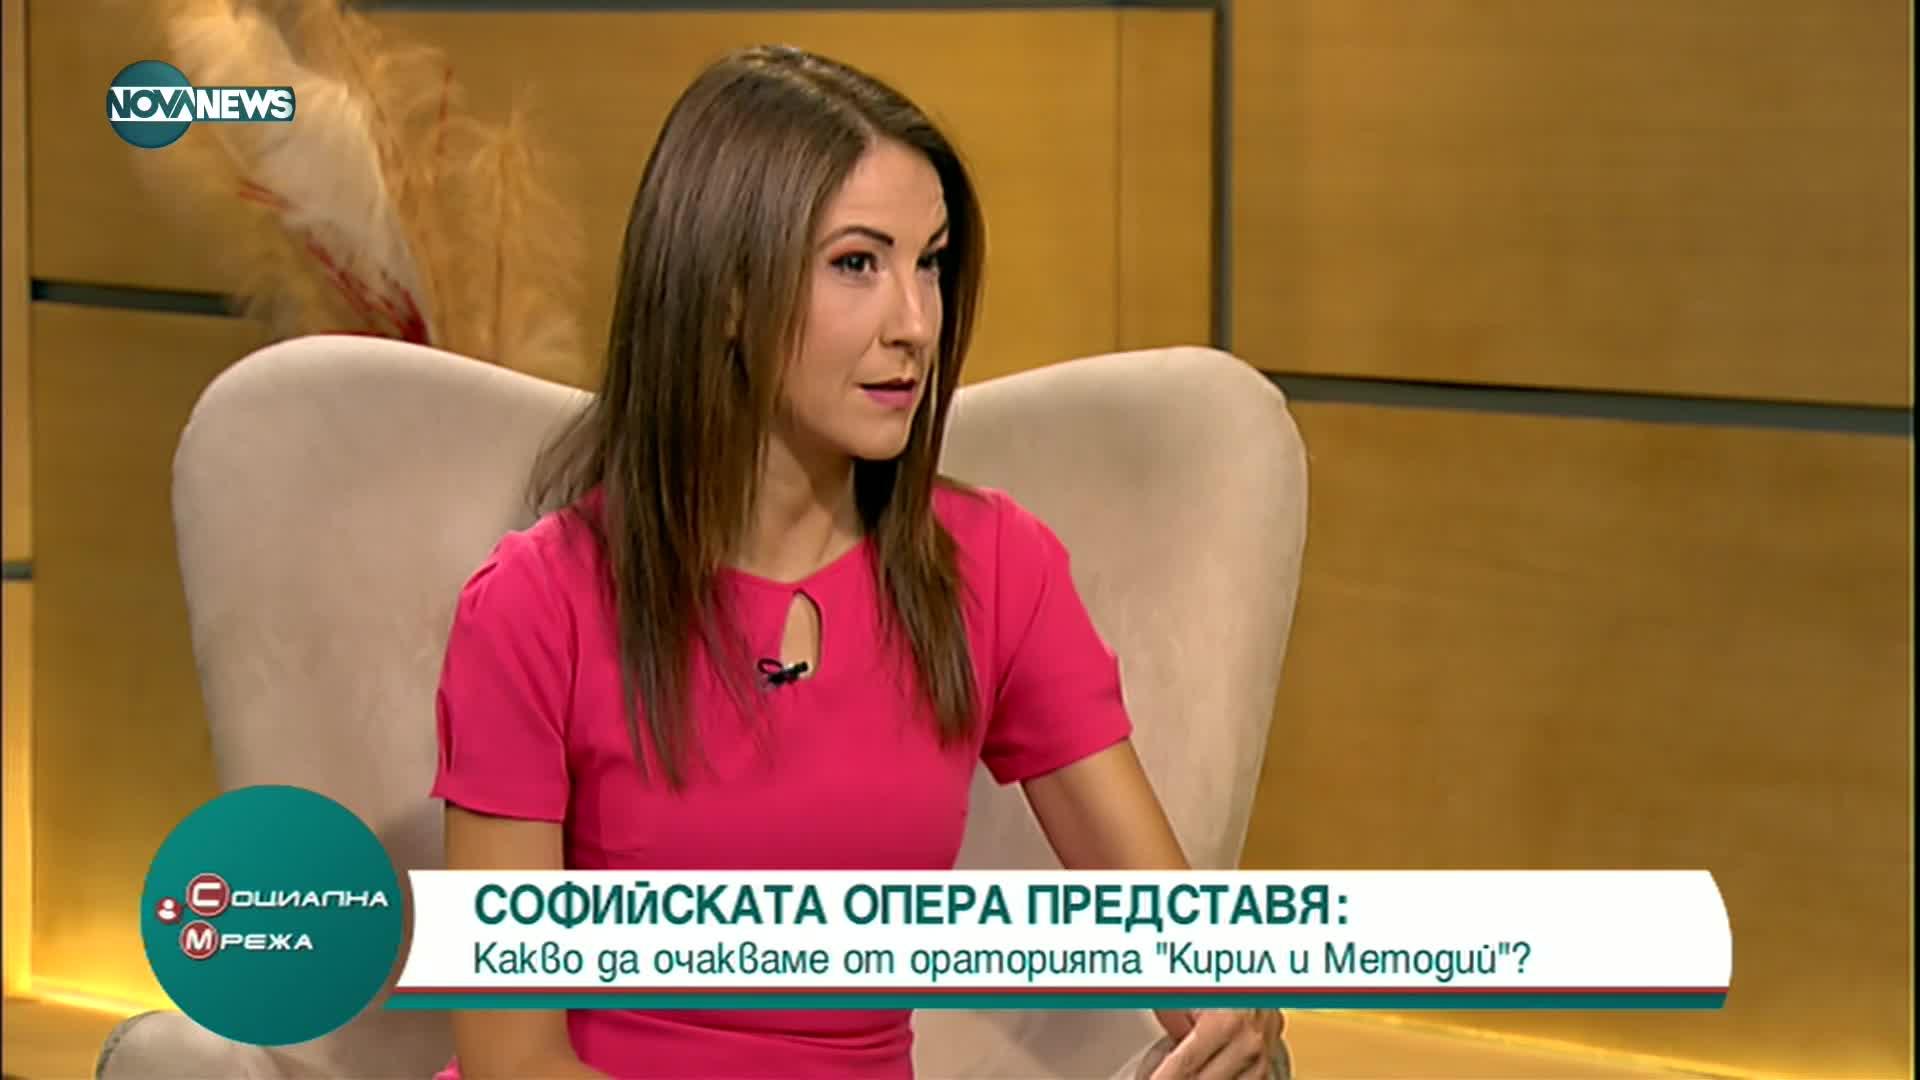 """Софийската опера представя: Какво да очакваме от ораторията """"Кирил и Методий"""""""